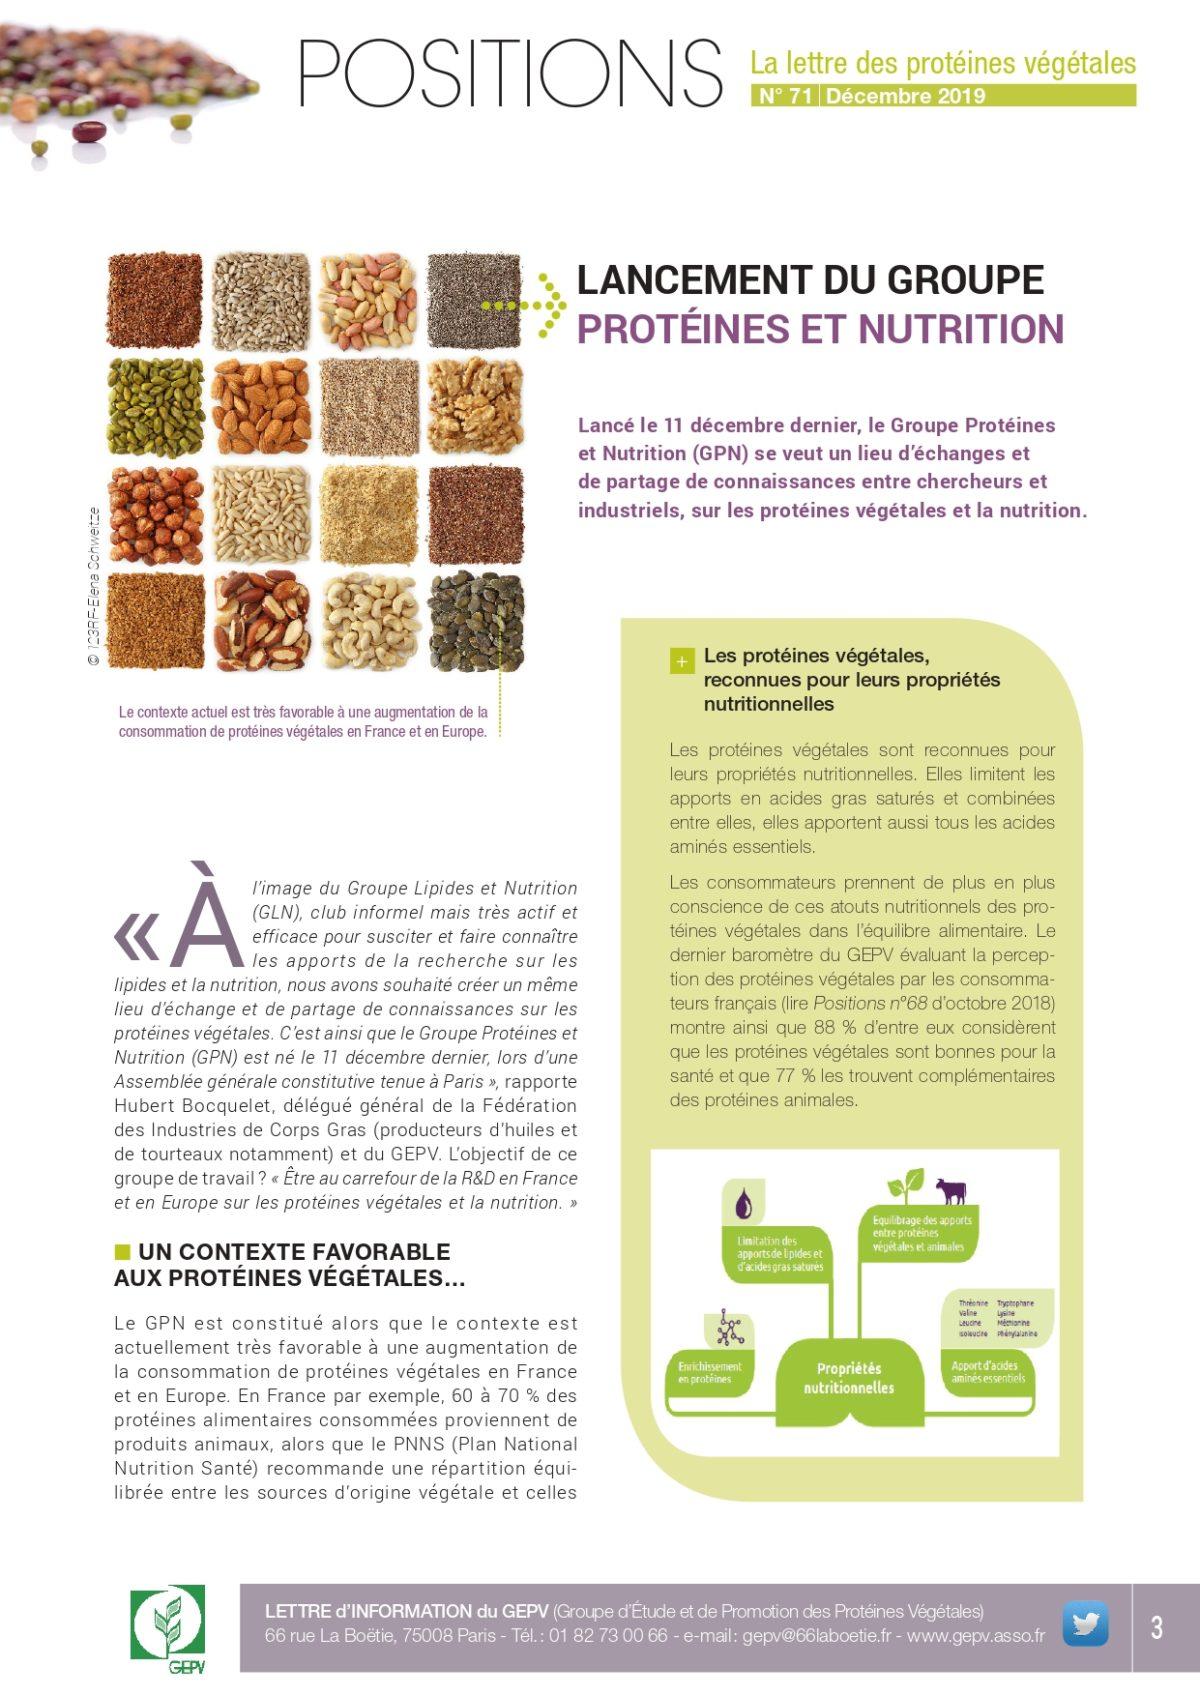 LANCEMENT DU GROUPE PROTÉINES ET NUTRITION